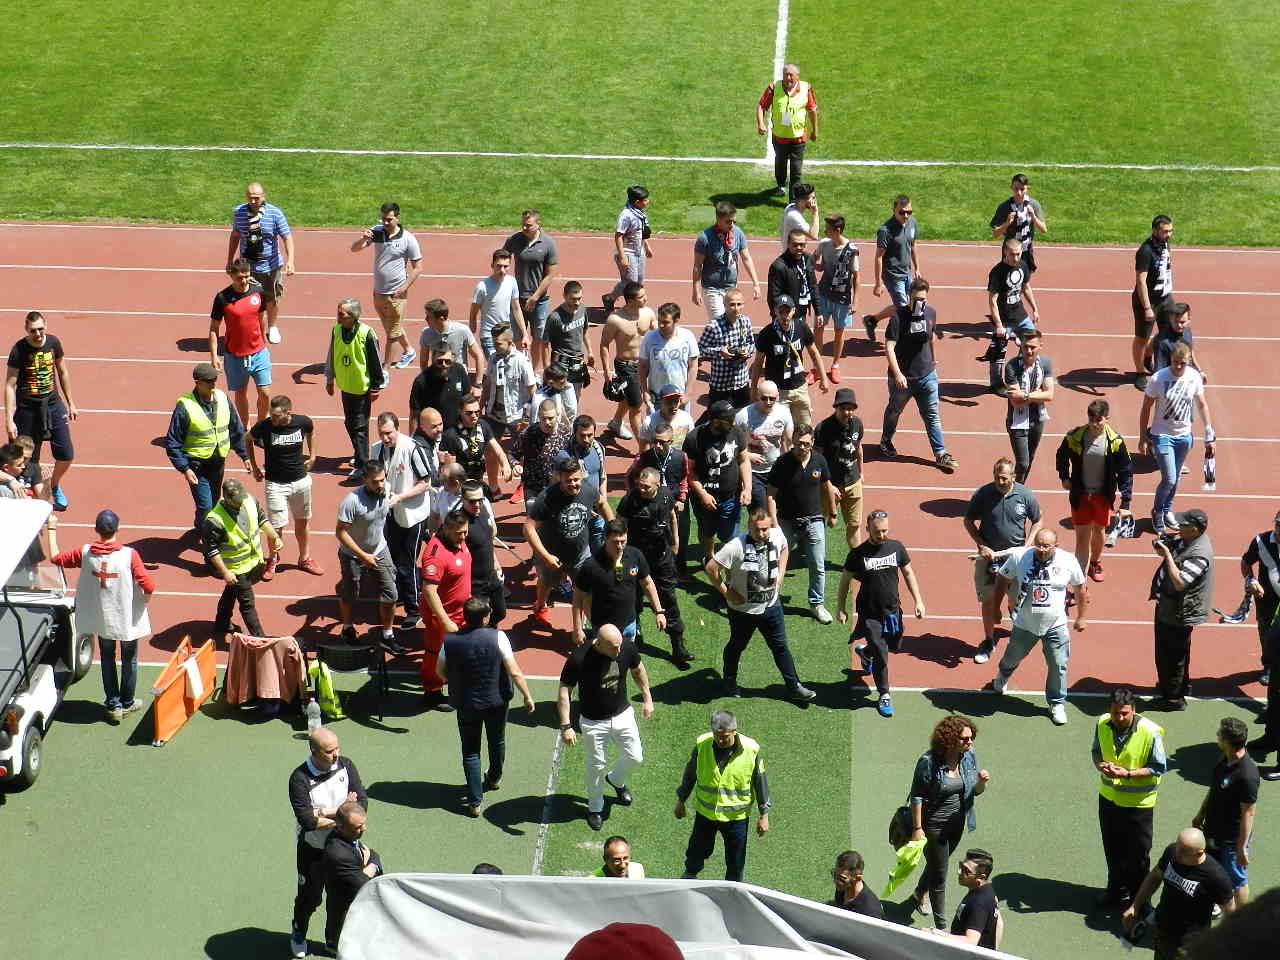 """Imagini șocante pe Cluj Arena după remiza lui """"U"""" Cluj cu Olimpia Satu Mare, scor 1-1! Fanii au pătruns pe teren pentru a le cere socoteală jucătorilor!"""